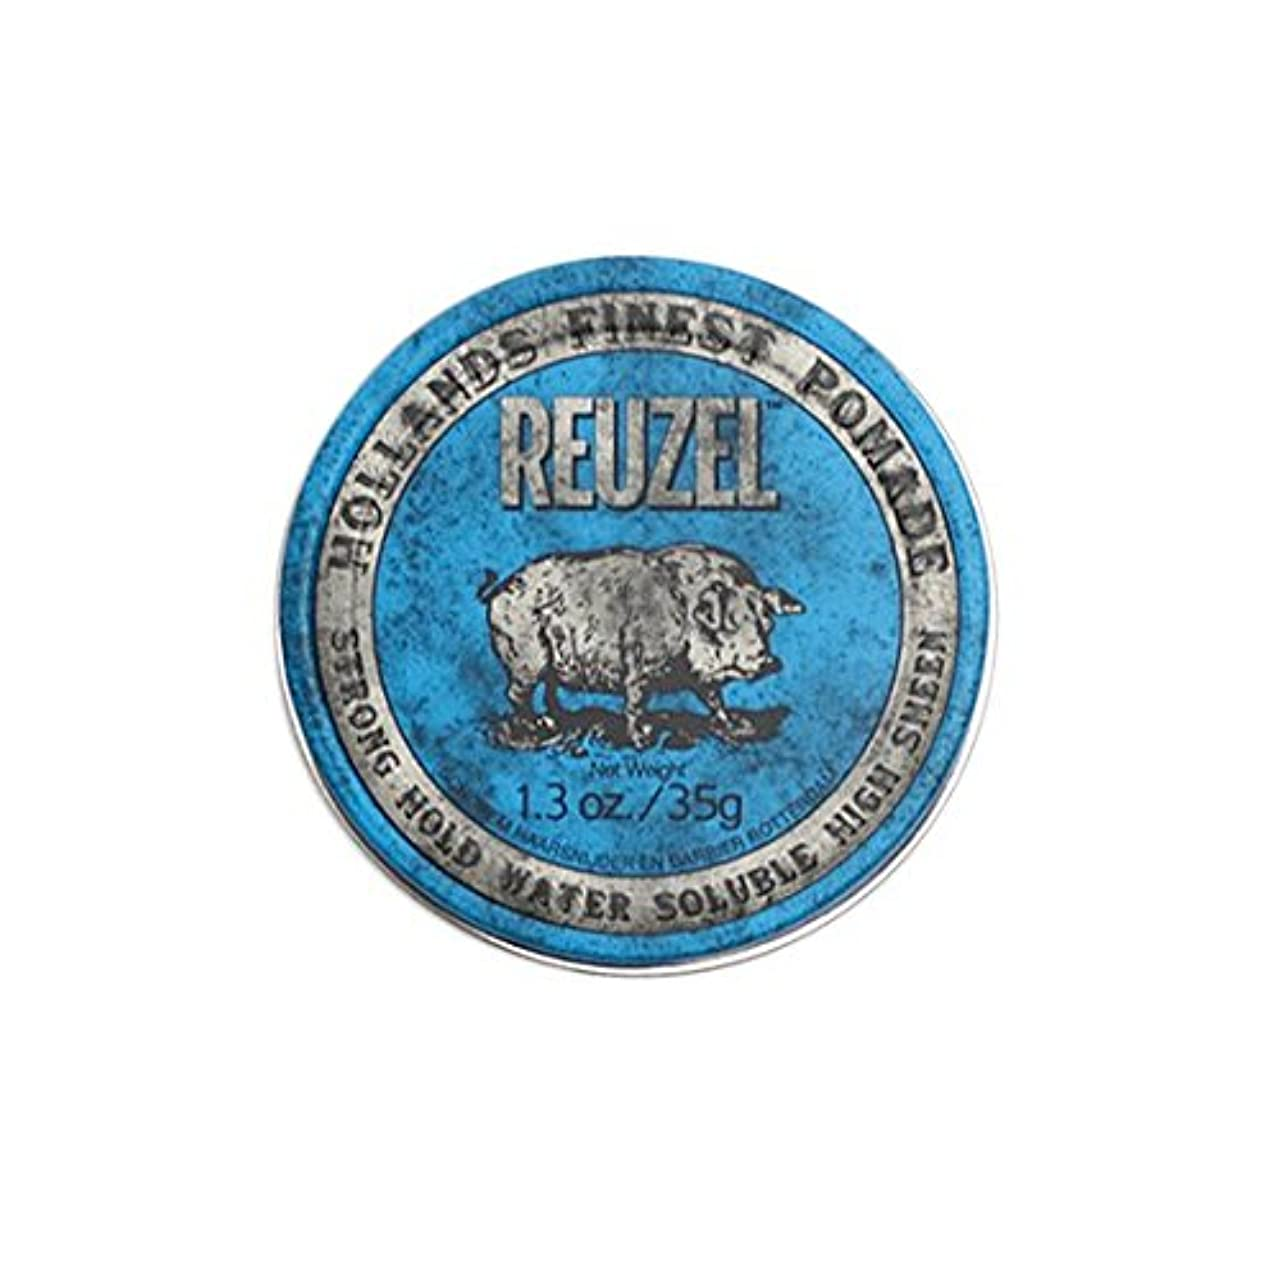 見分ける例示する軽減するルーゾー REUZEL STRONG HOLD HIGH SHEEN ストロングホールド ブルー 35g